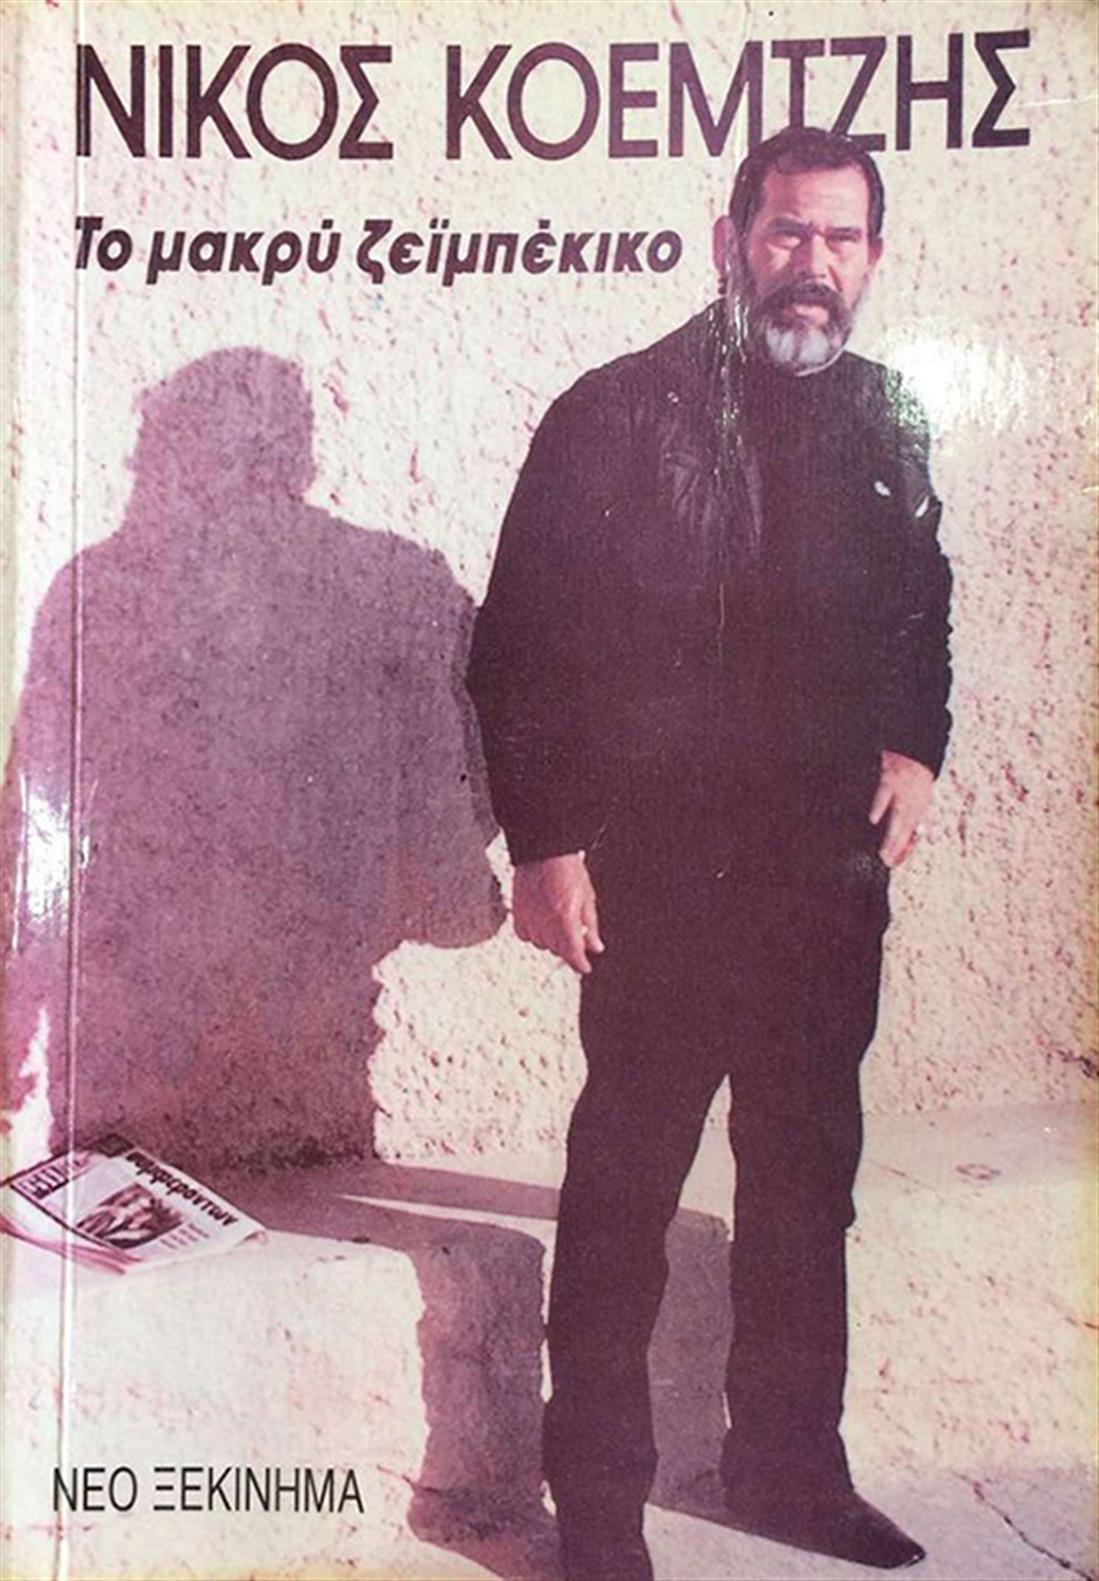 Ν. Κοεμτζής - σφαγή - παραγγελιά